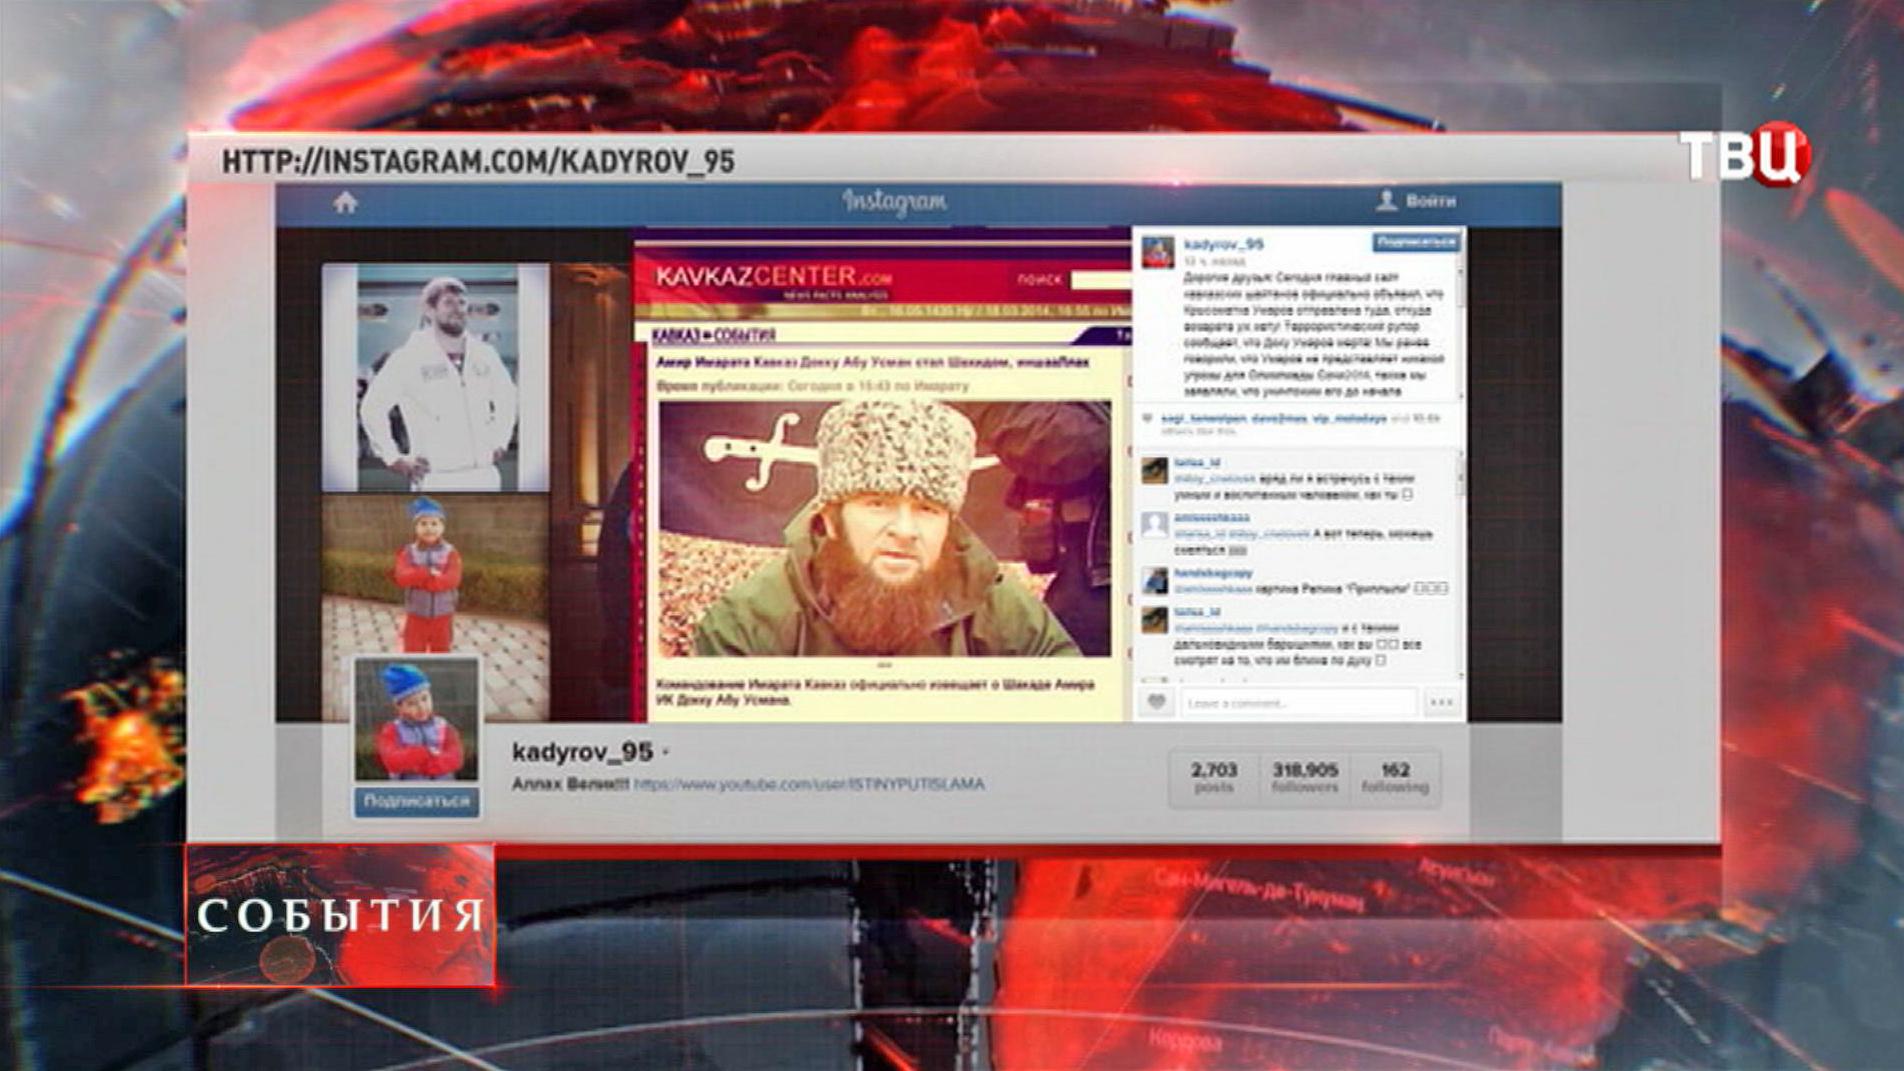 Цитата с интернет-страницы Рамзана Кадырова о Доку Умарове